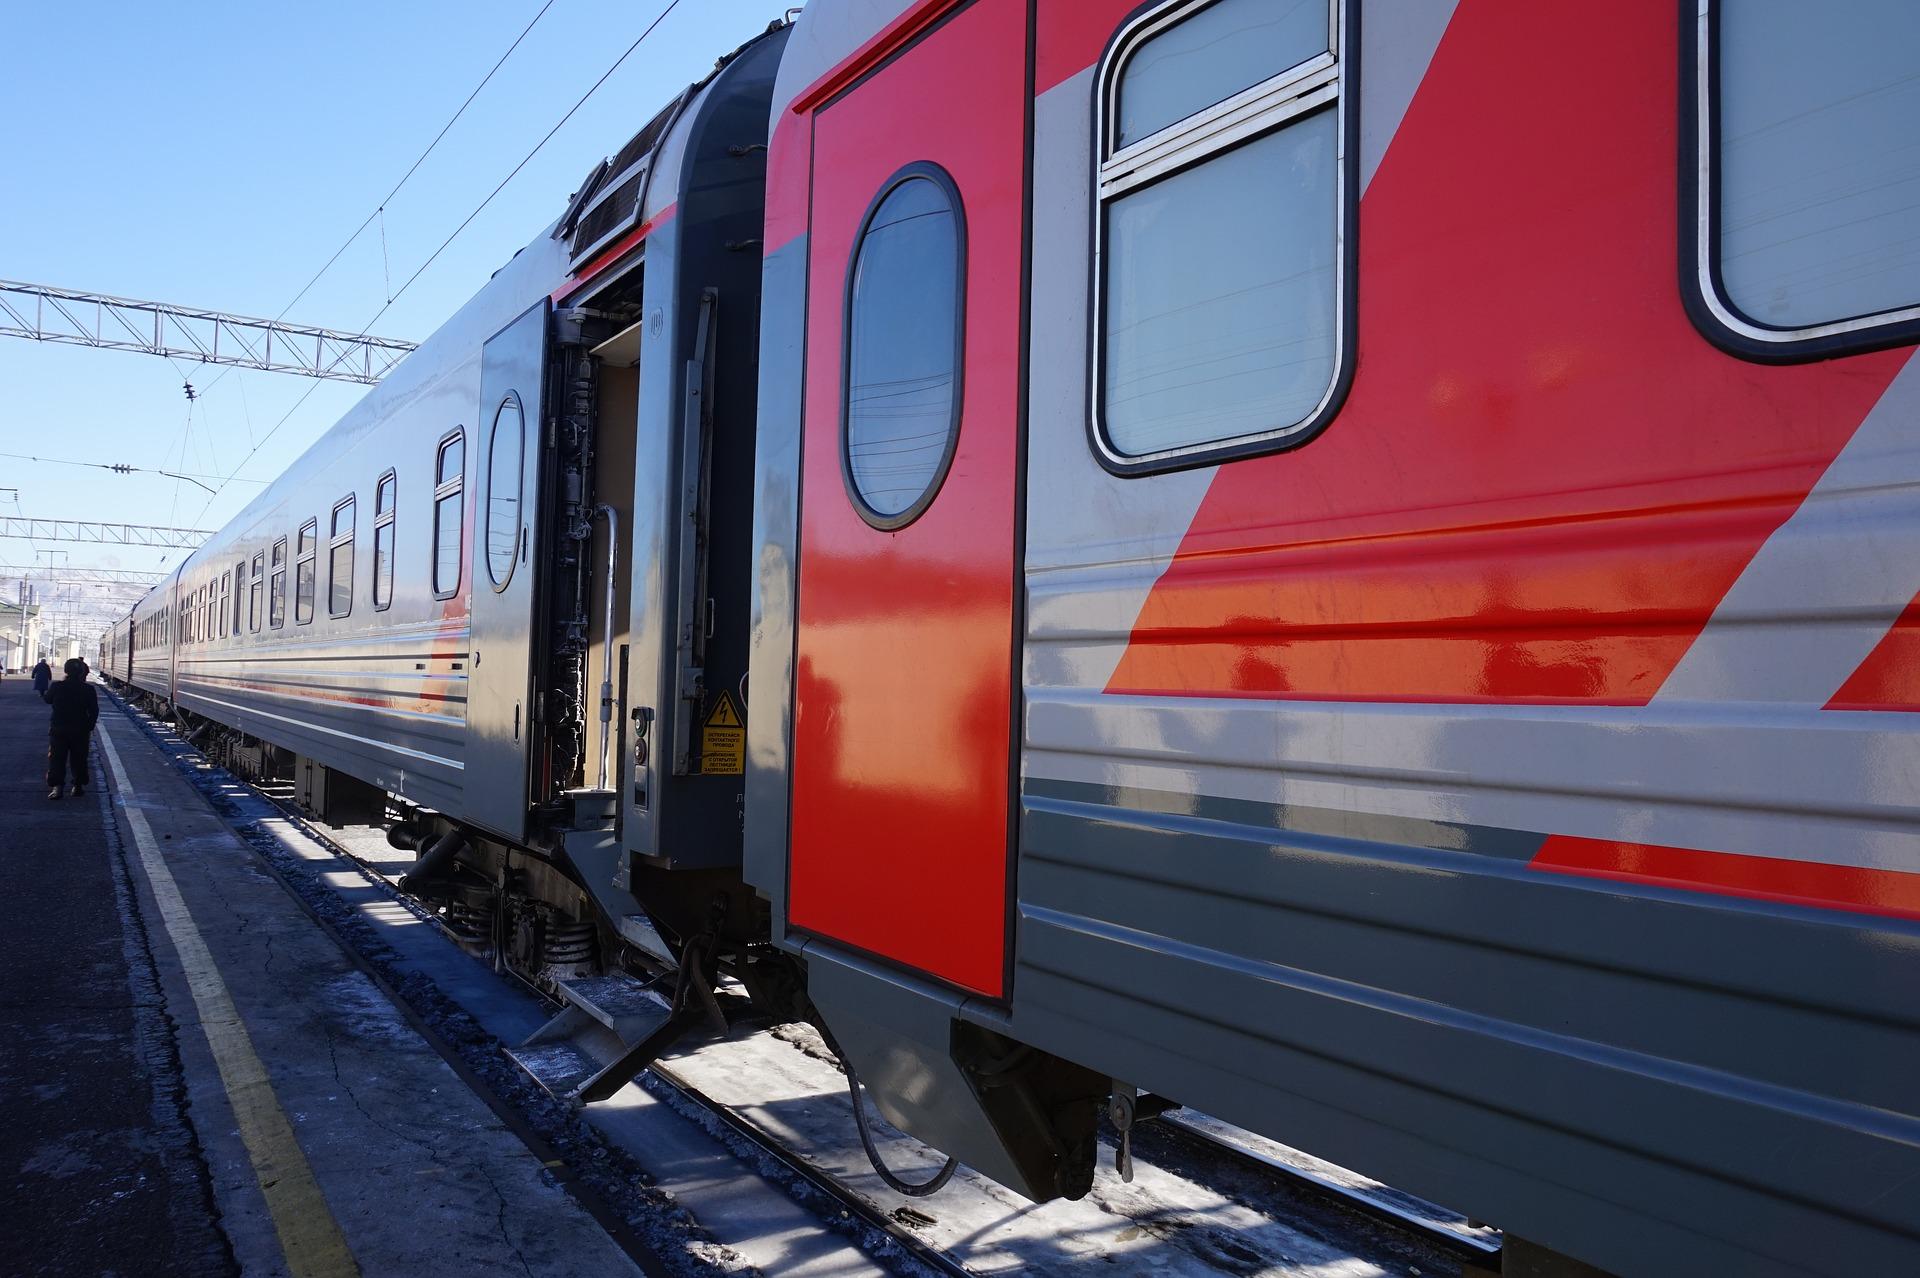 Trans sib train travel